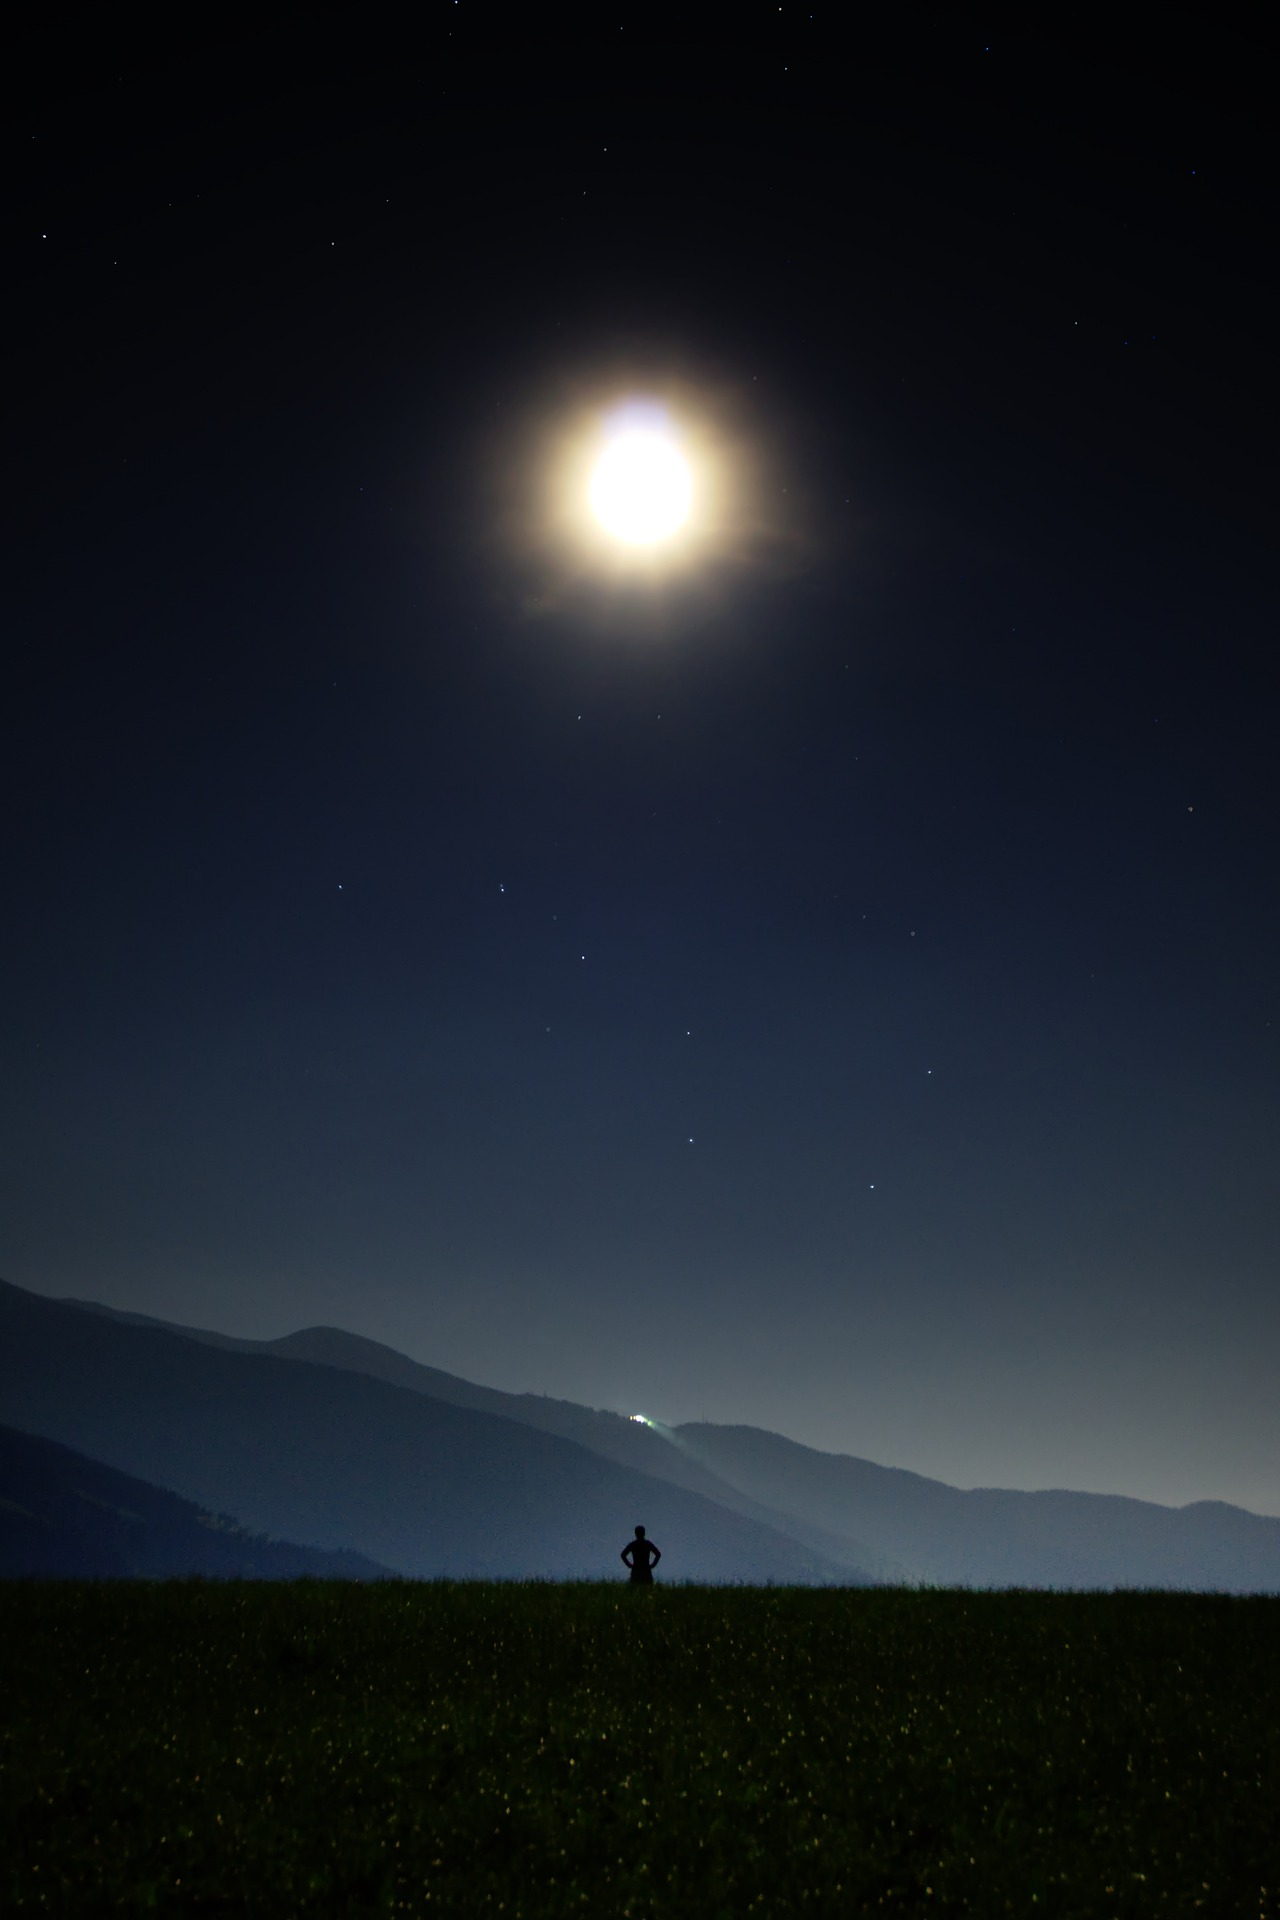 ليلة, القمر, نجمة, السماء, الظلام - خلفيات عالية الدقة - أستاذ falken.com